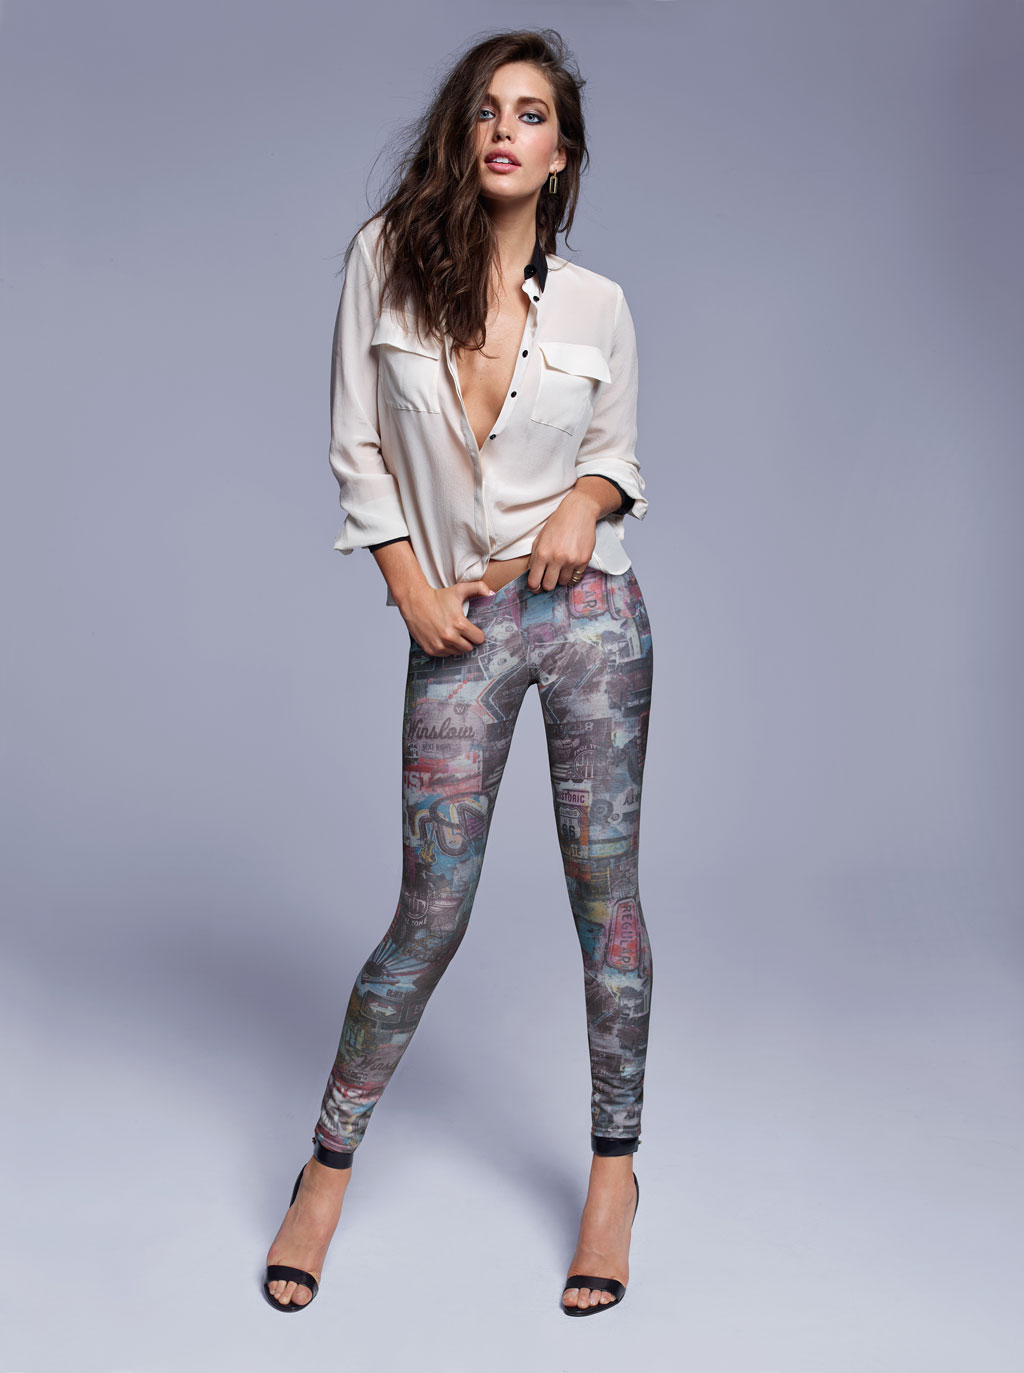 384acebf9f Legíny Calzedonia – vyzerajú ako džínsy s módnymi dierami aj zdobením!